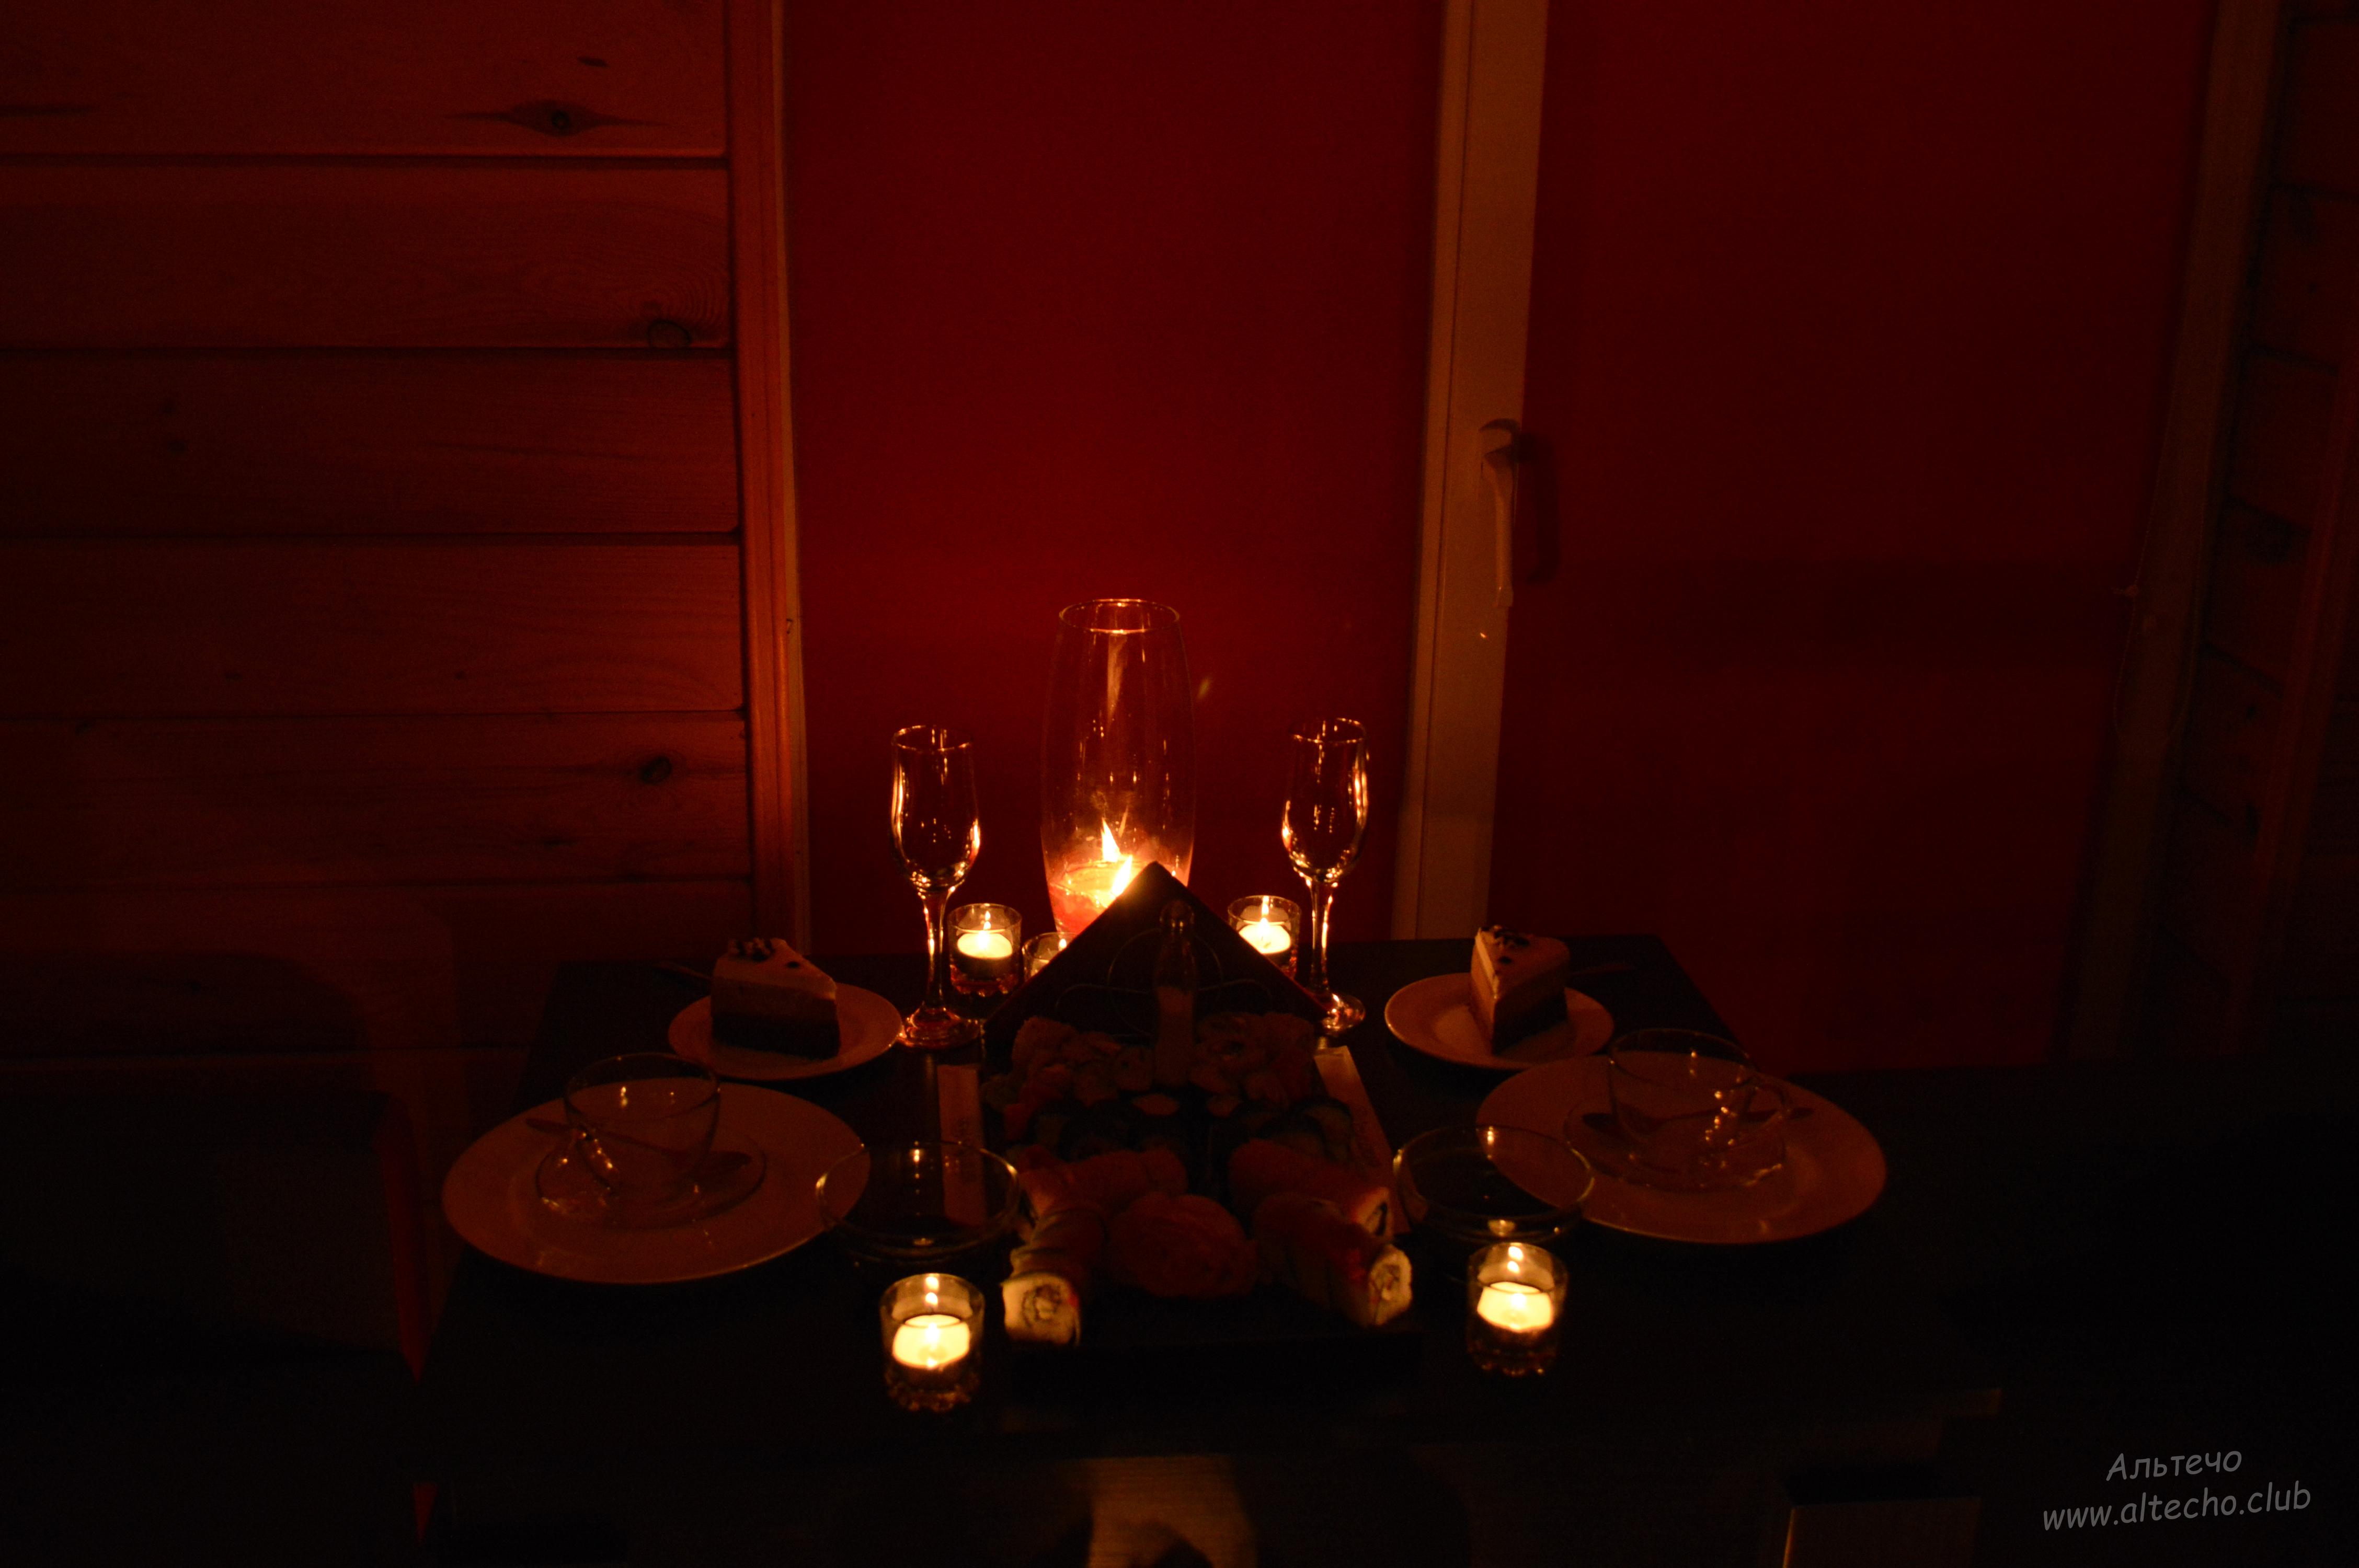 Альтечо свидание на крыше, романтический ужин, вечер для двоих (15)